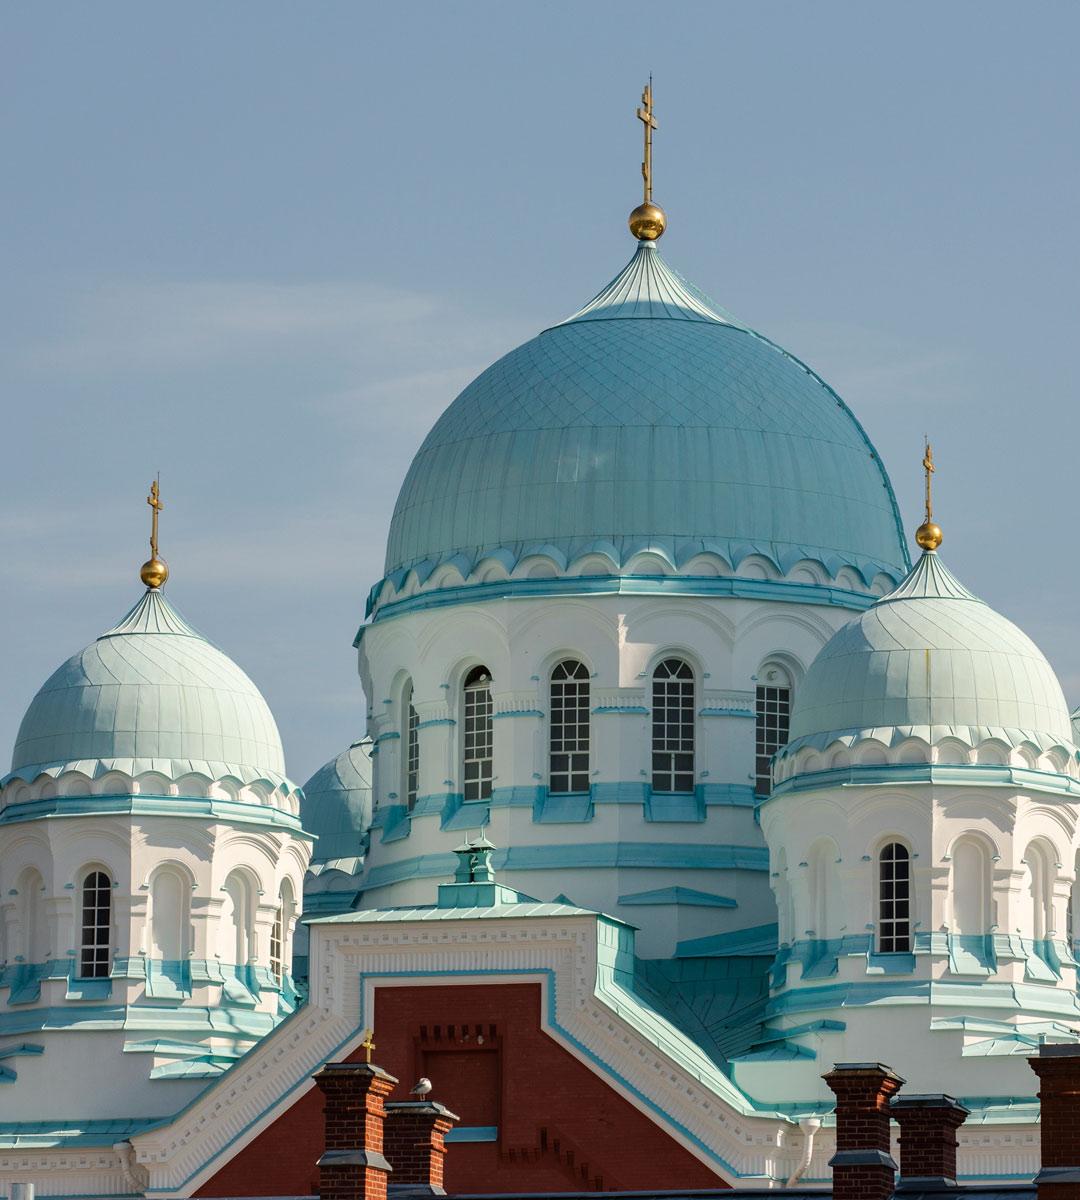 Karjalan ortodoksisista luostareista 1100-luvulta oleva Valamo on ensimmäinen. Juurevuus ja paikan pyhyys puhuttelevat yhä.